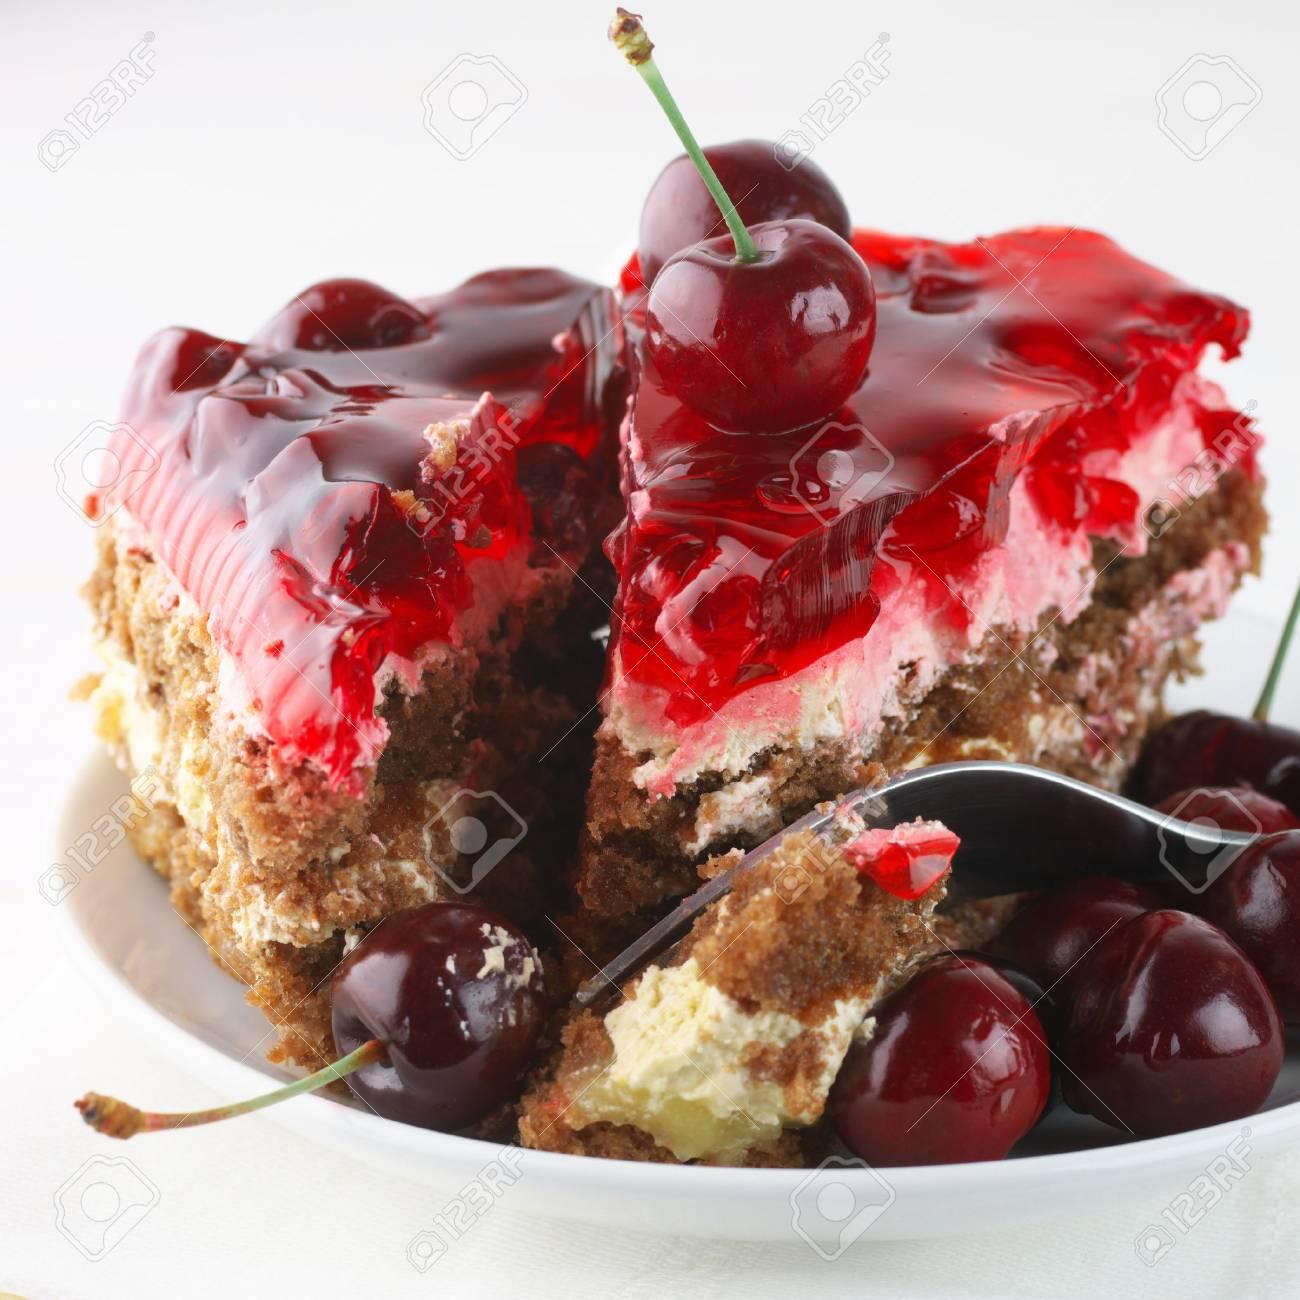 Fruchtige Kuchen Mit Gelee Und Kirschen Close Up In Weissen Teller